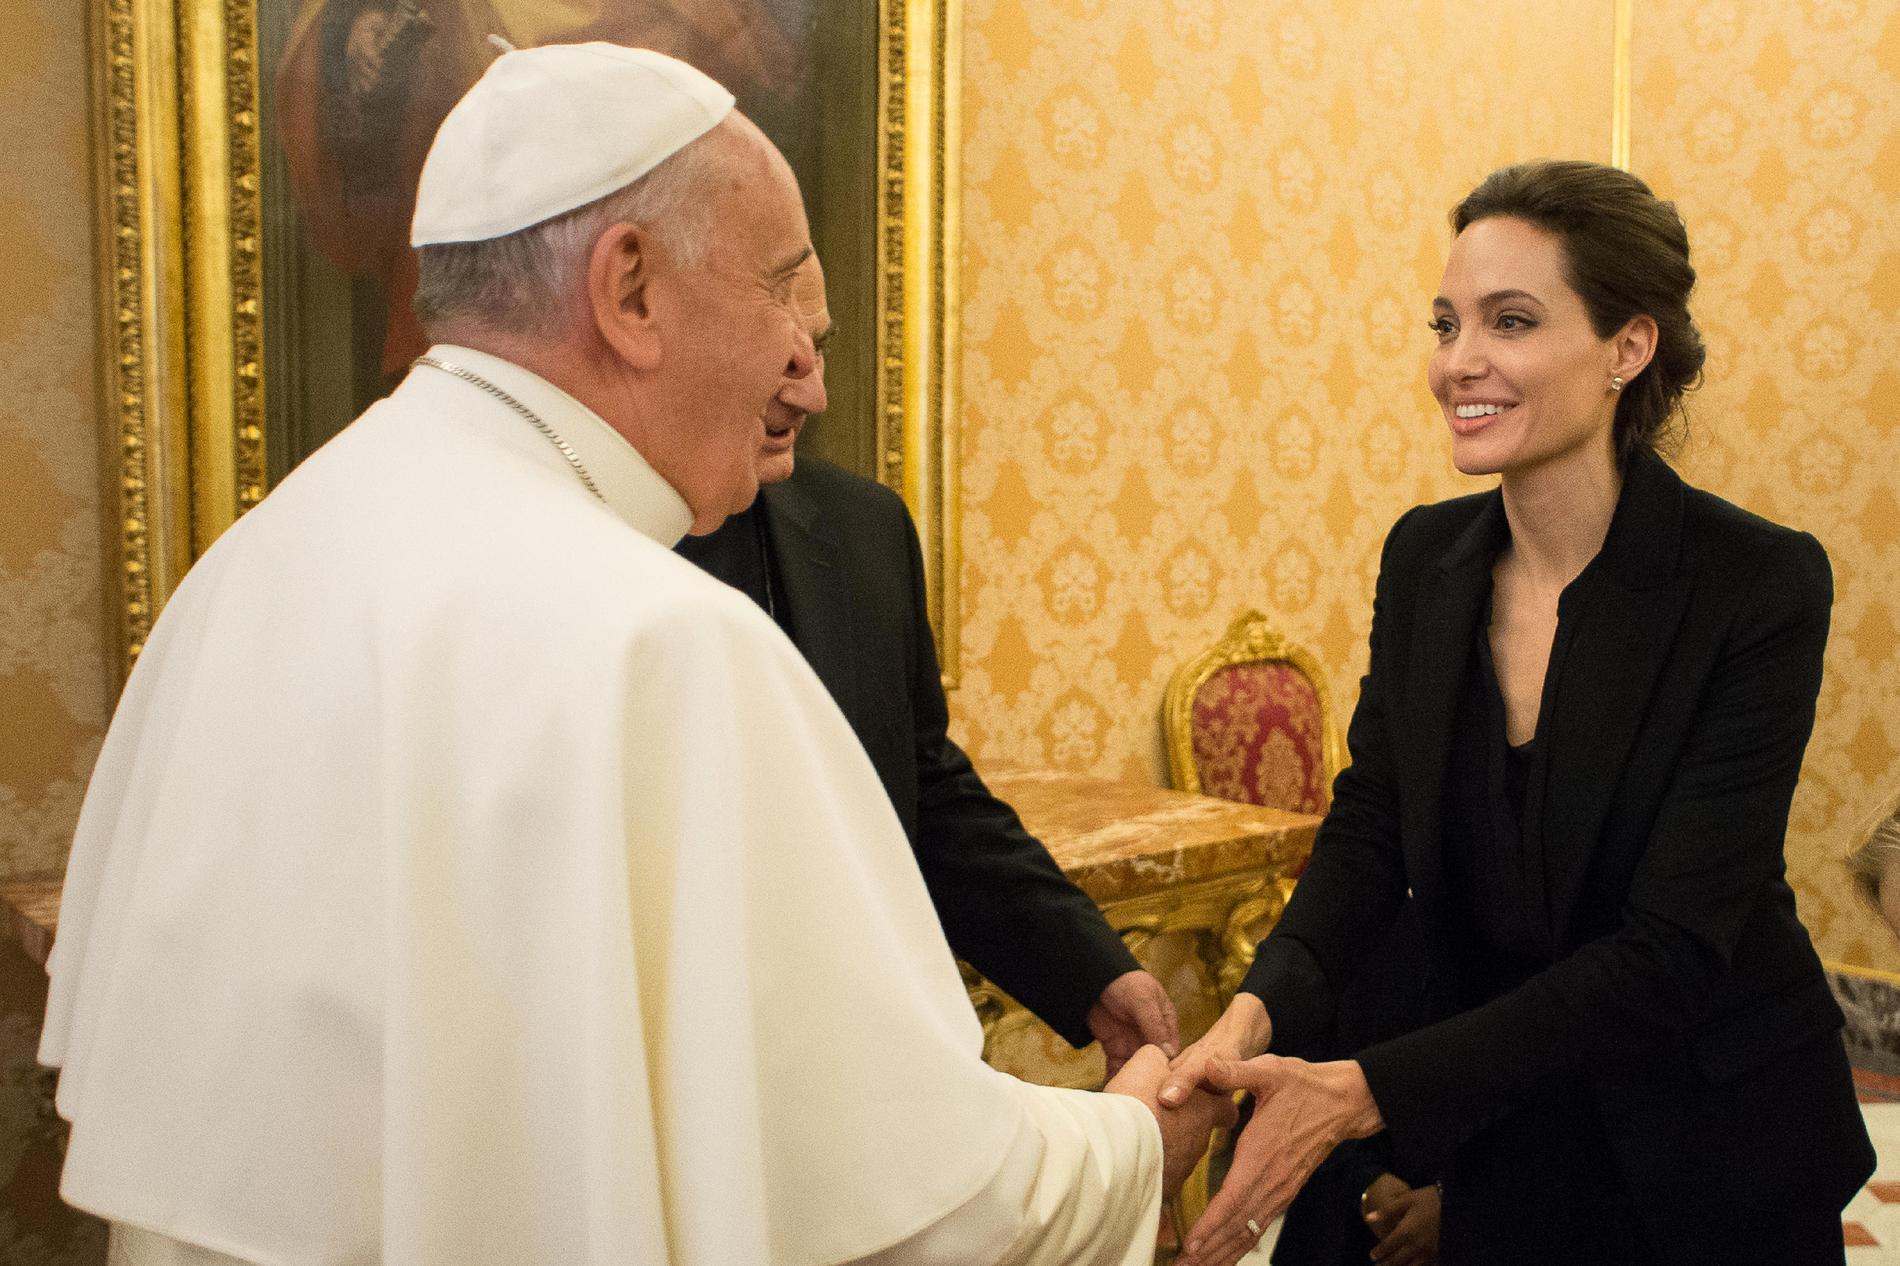 Comment rencontrer le pape francois